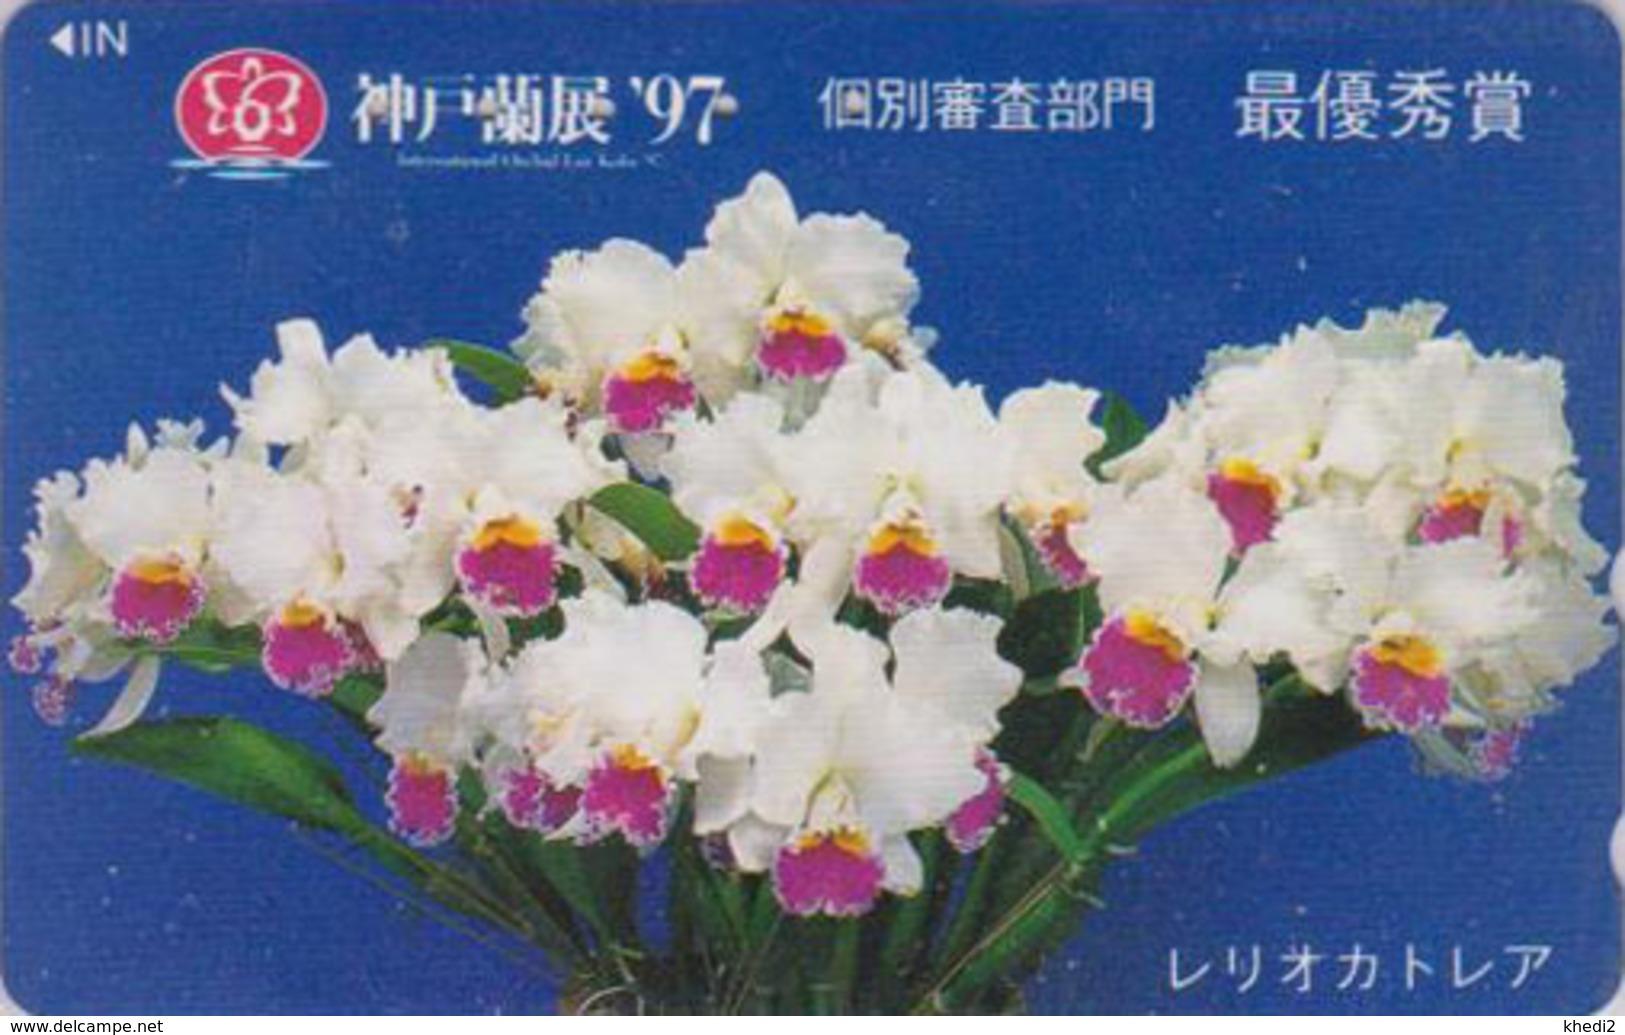 Télécarte Japon / 110-016 - Fleur - ORCHIDEE - ORCHID Flower Japan Phonecard - ORQUIDEA -  2378 - Fleurs